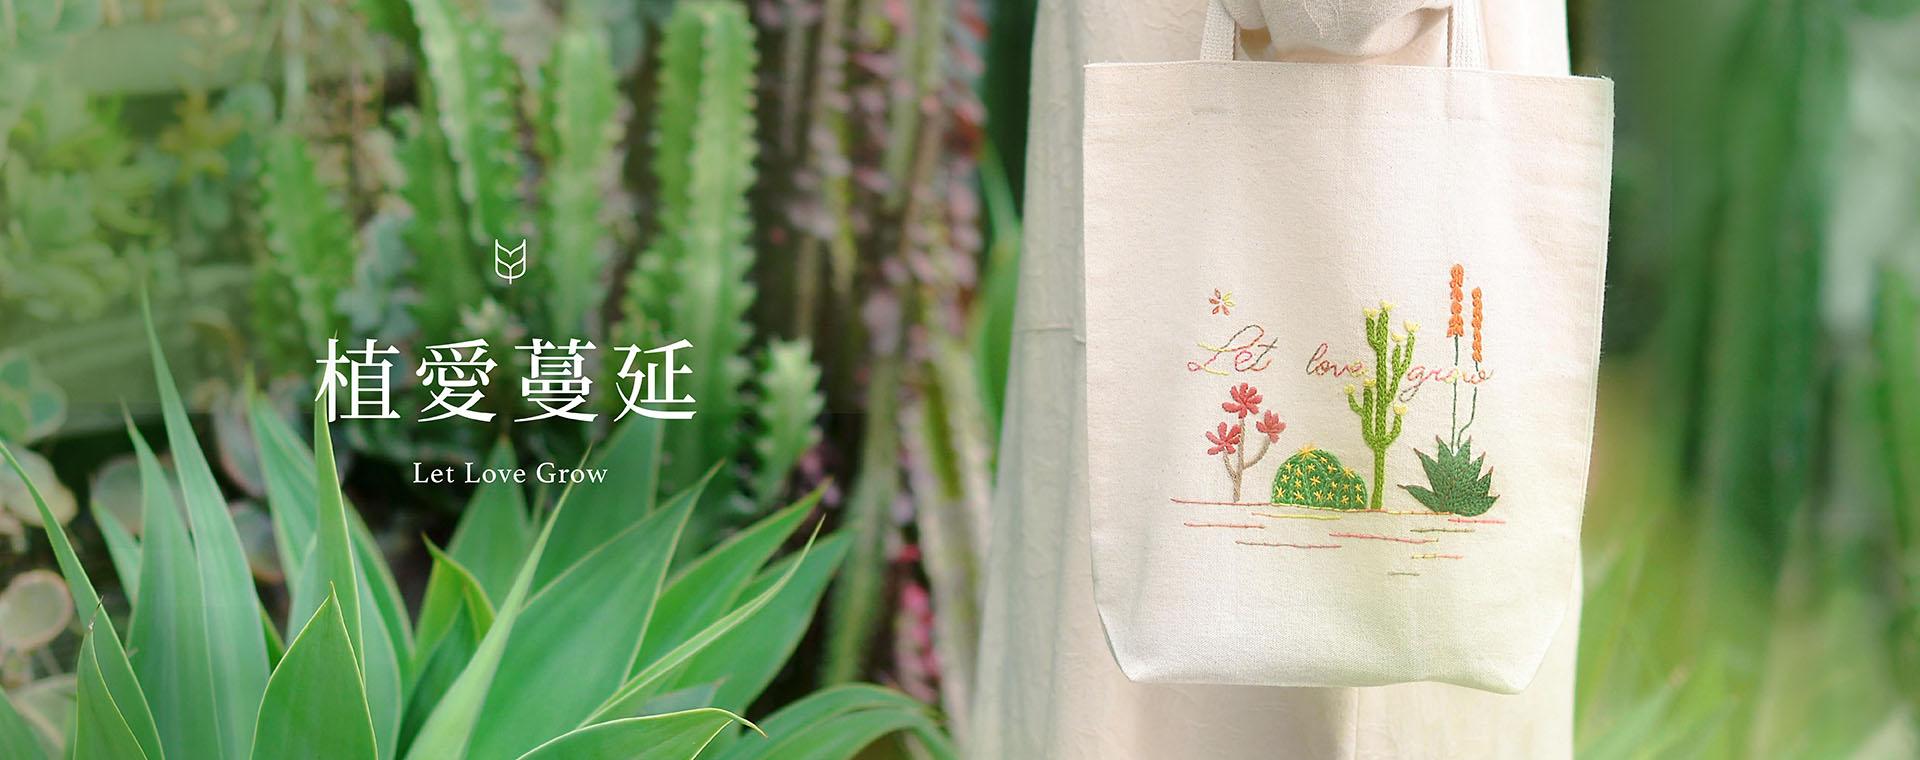 台北刺繡布袋課程